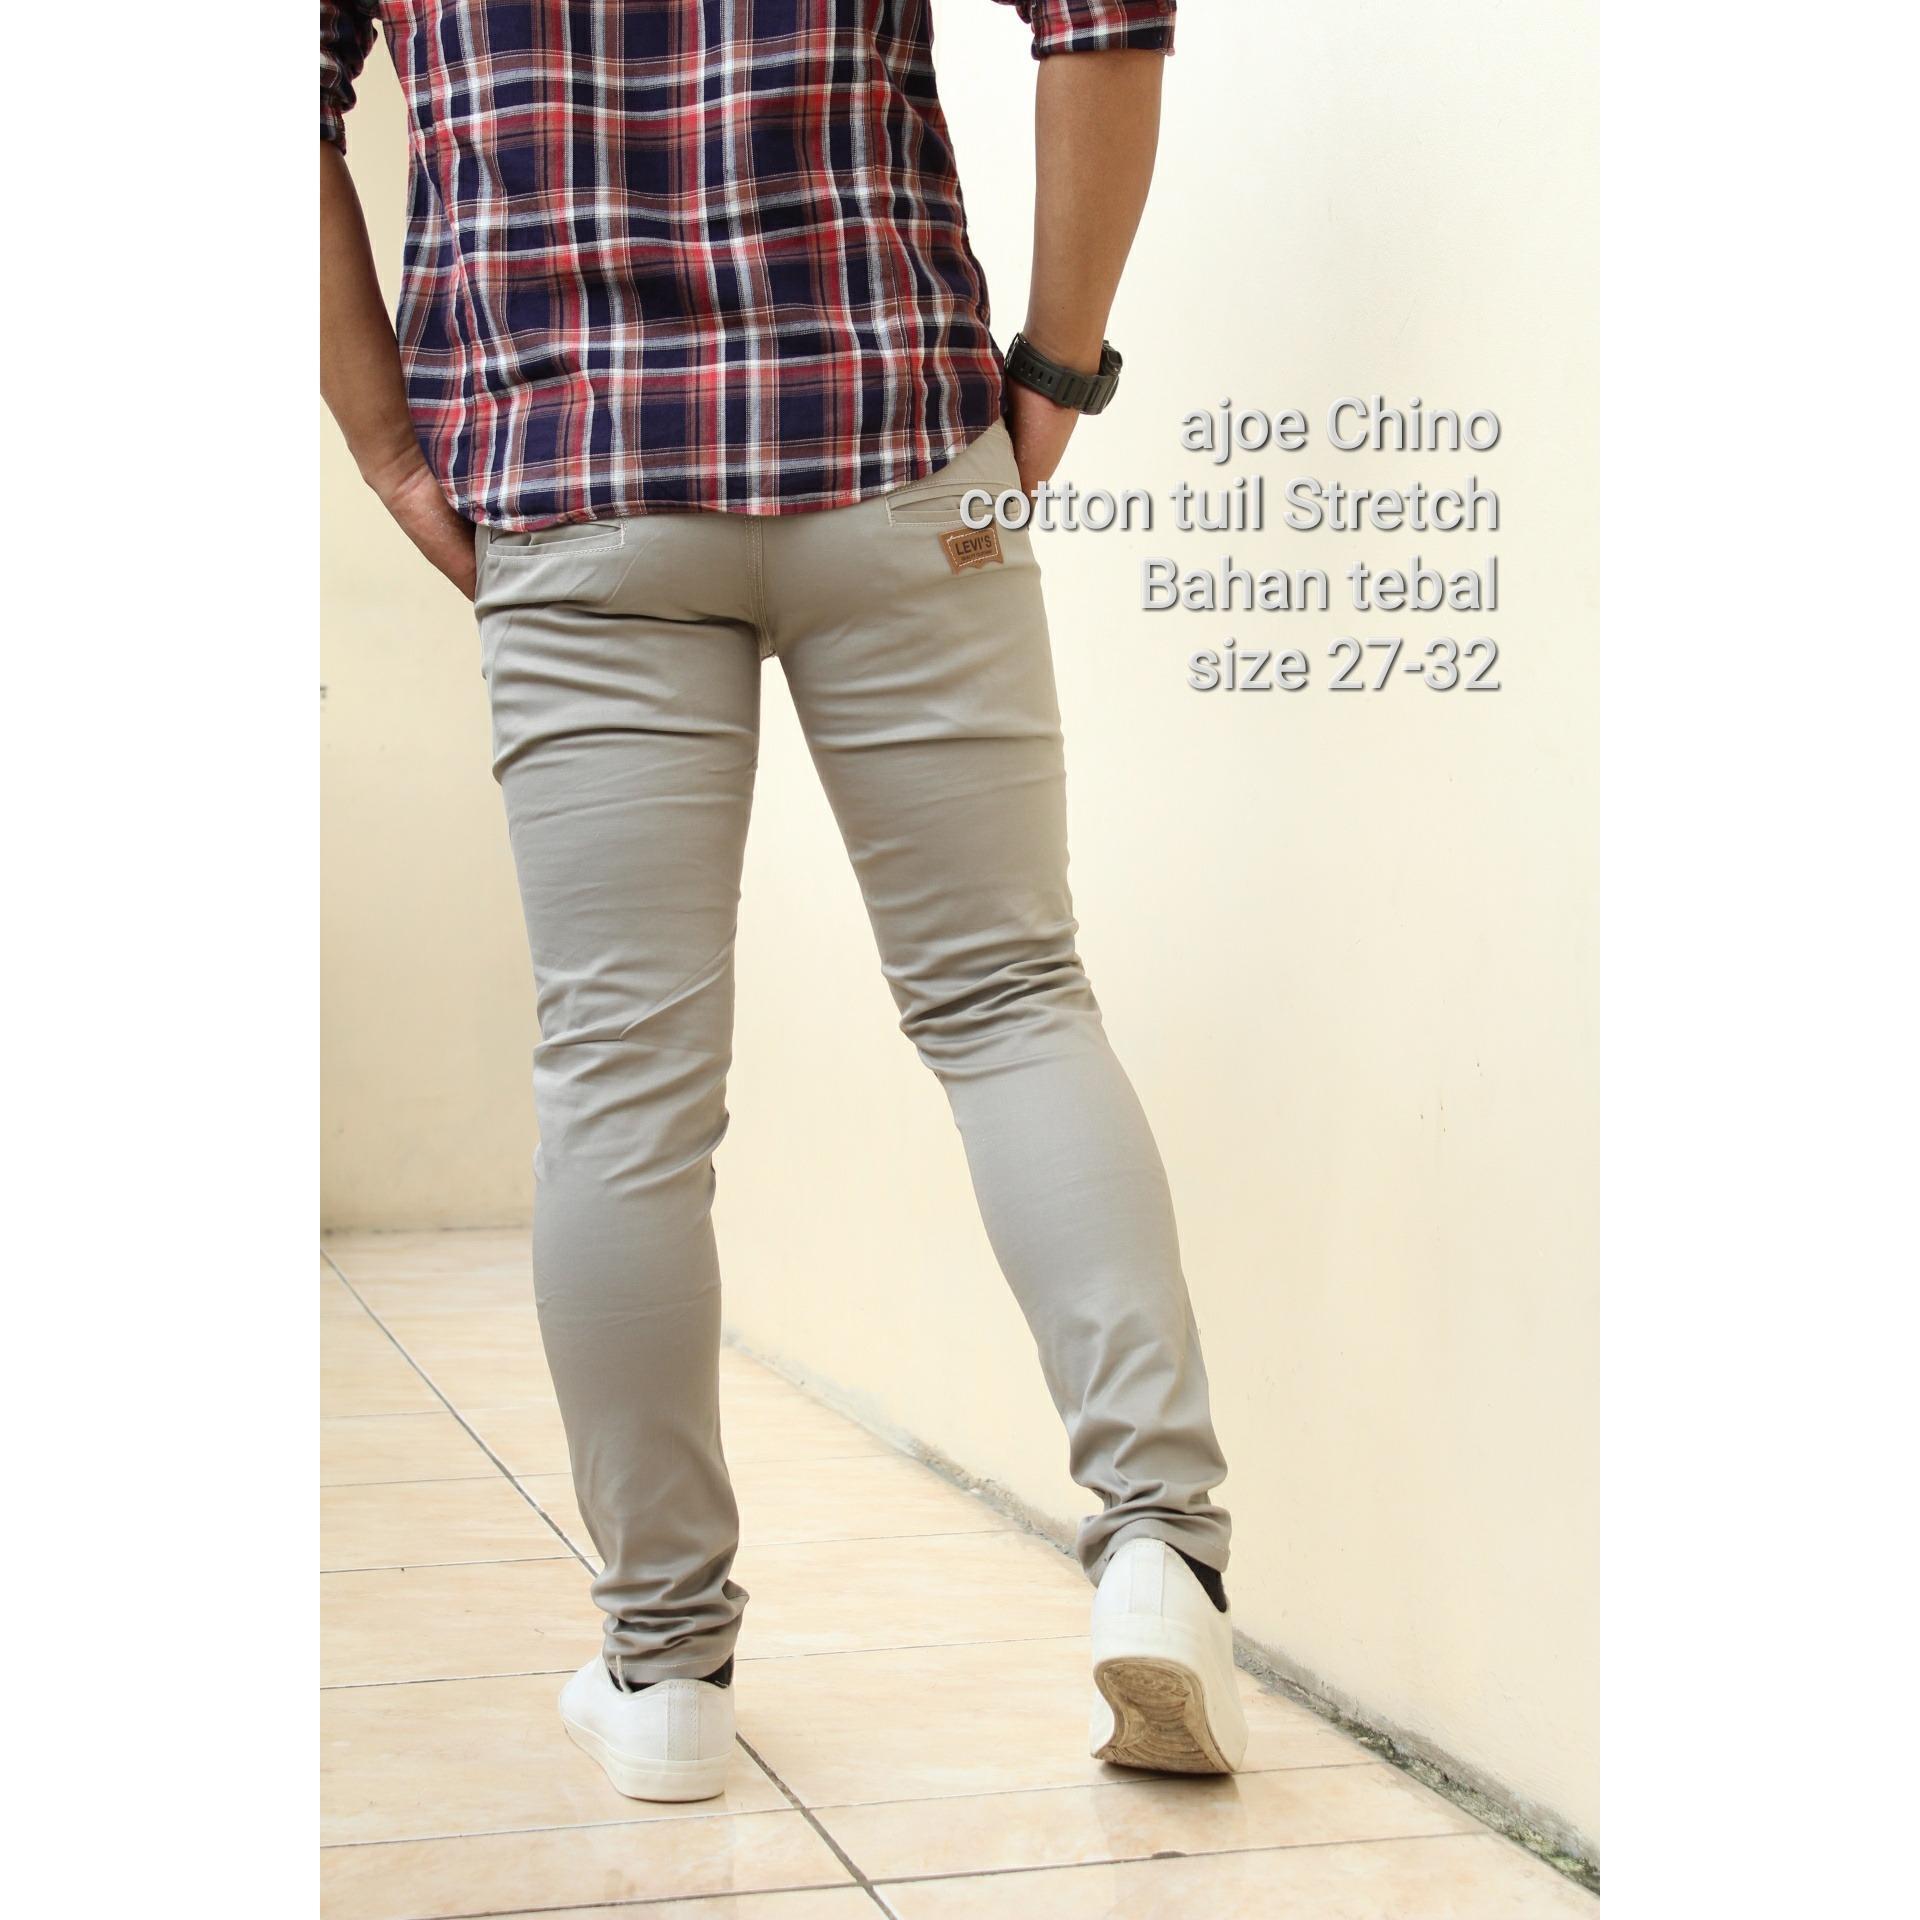 Celana Panjang Chino Pria Daftar Harga Terkini Dan Terlengkap Lois Jeans Original Cfsk001b Cokelat Tua 30 Ajoe Skinny Stretch